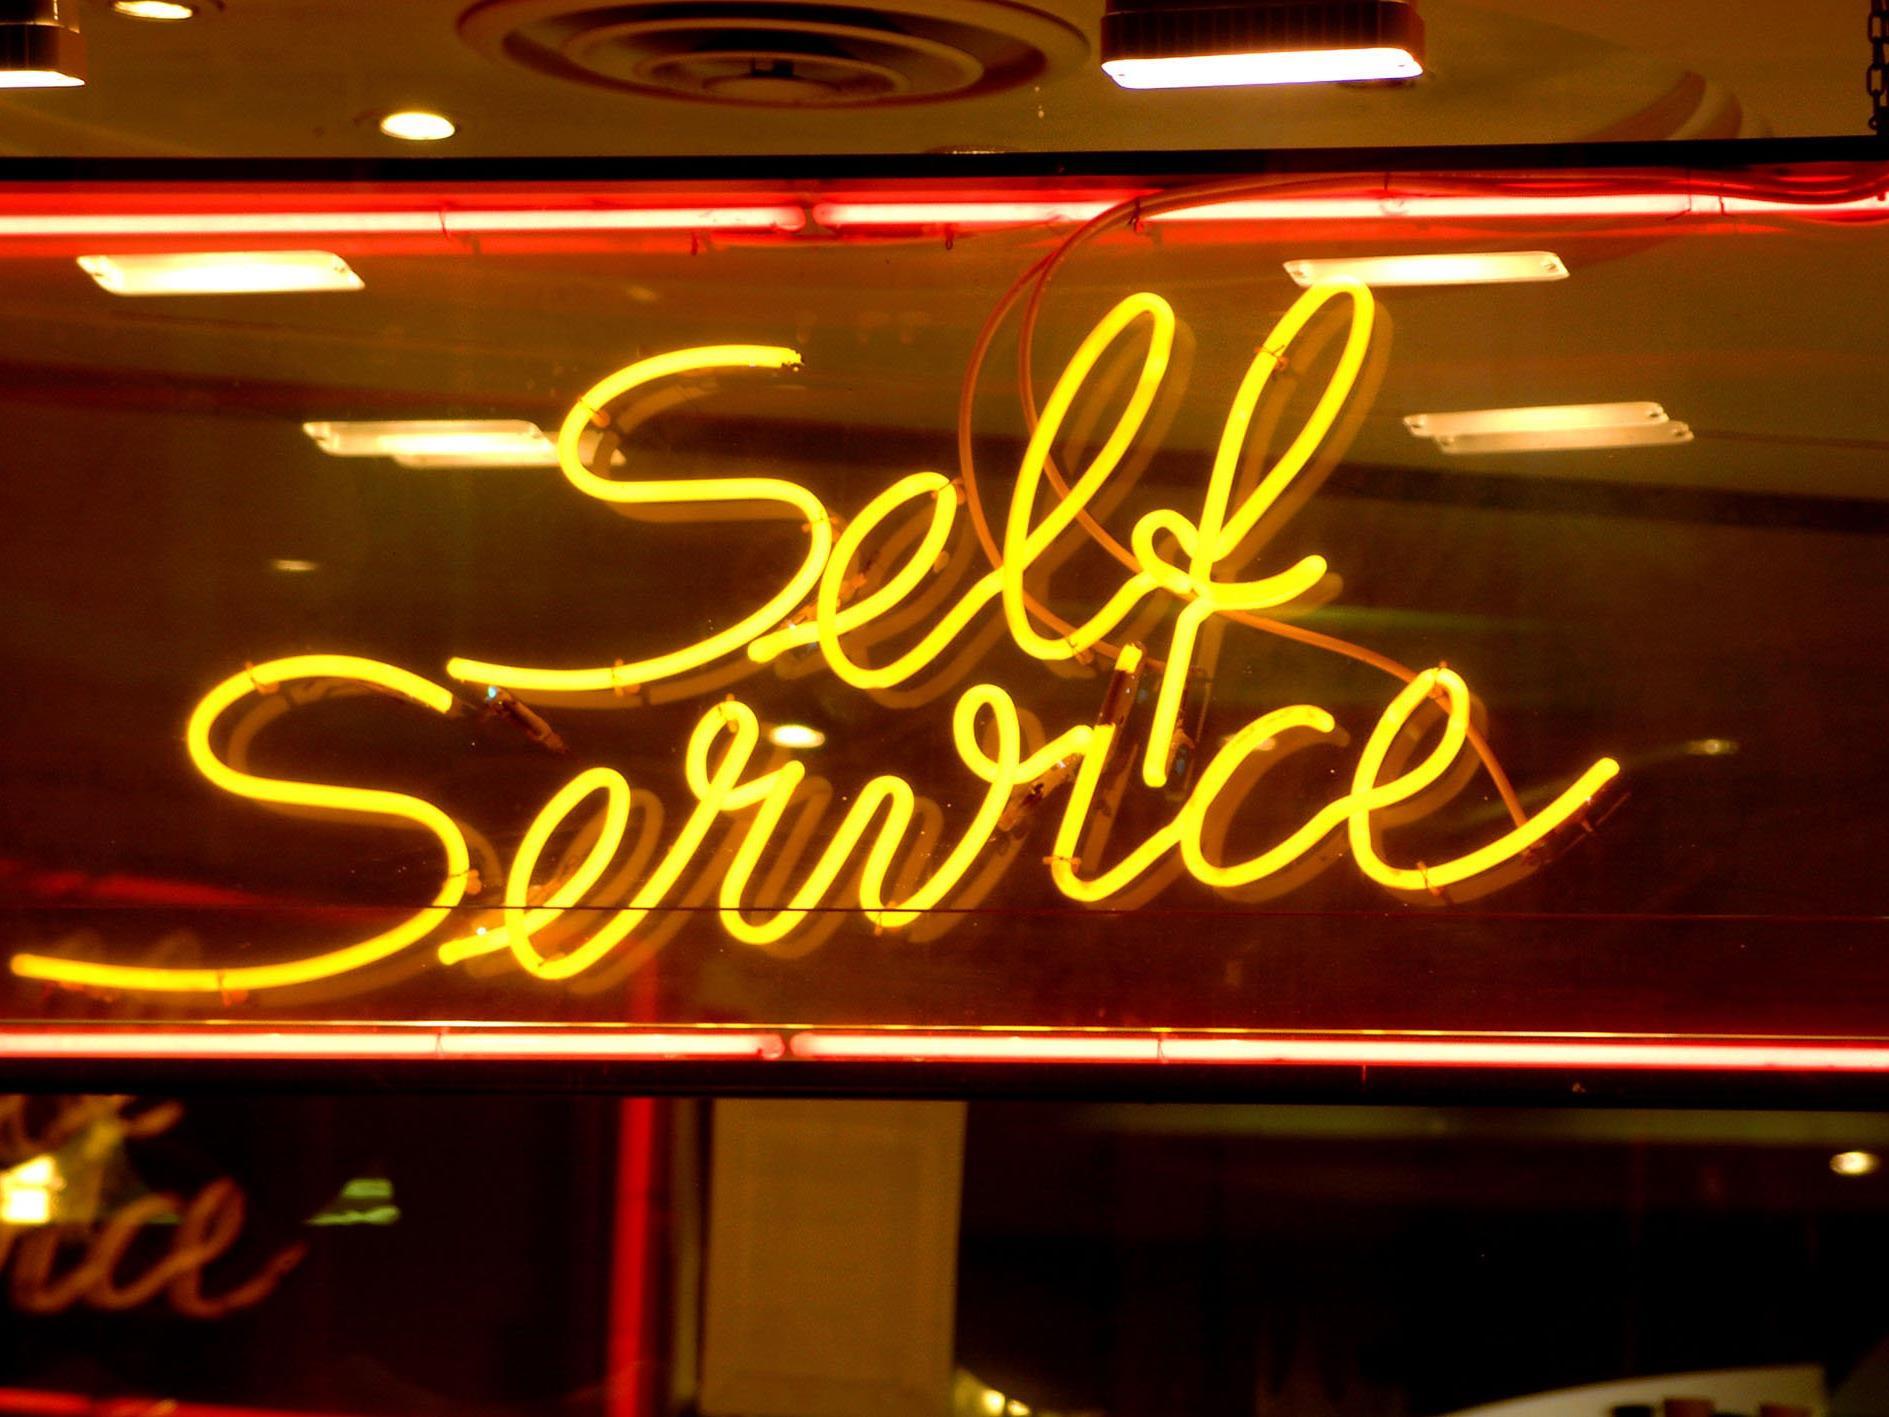 Selbstbedienungsläden wurden in der USA erfunden